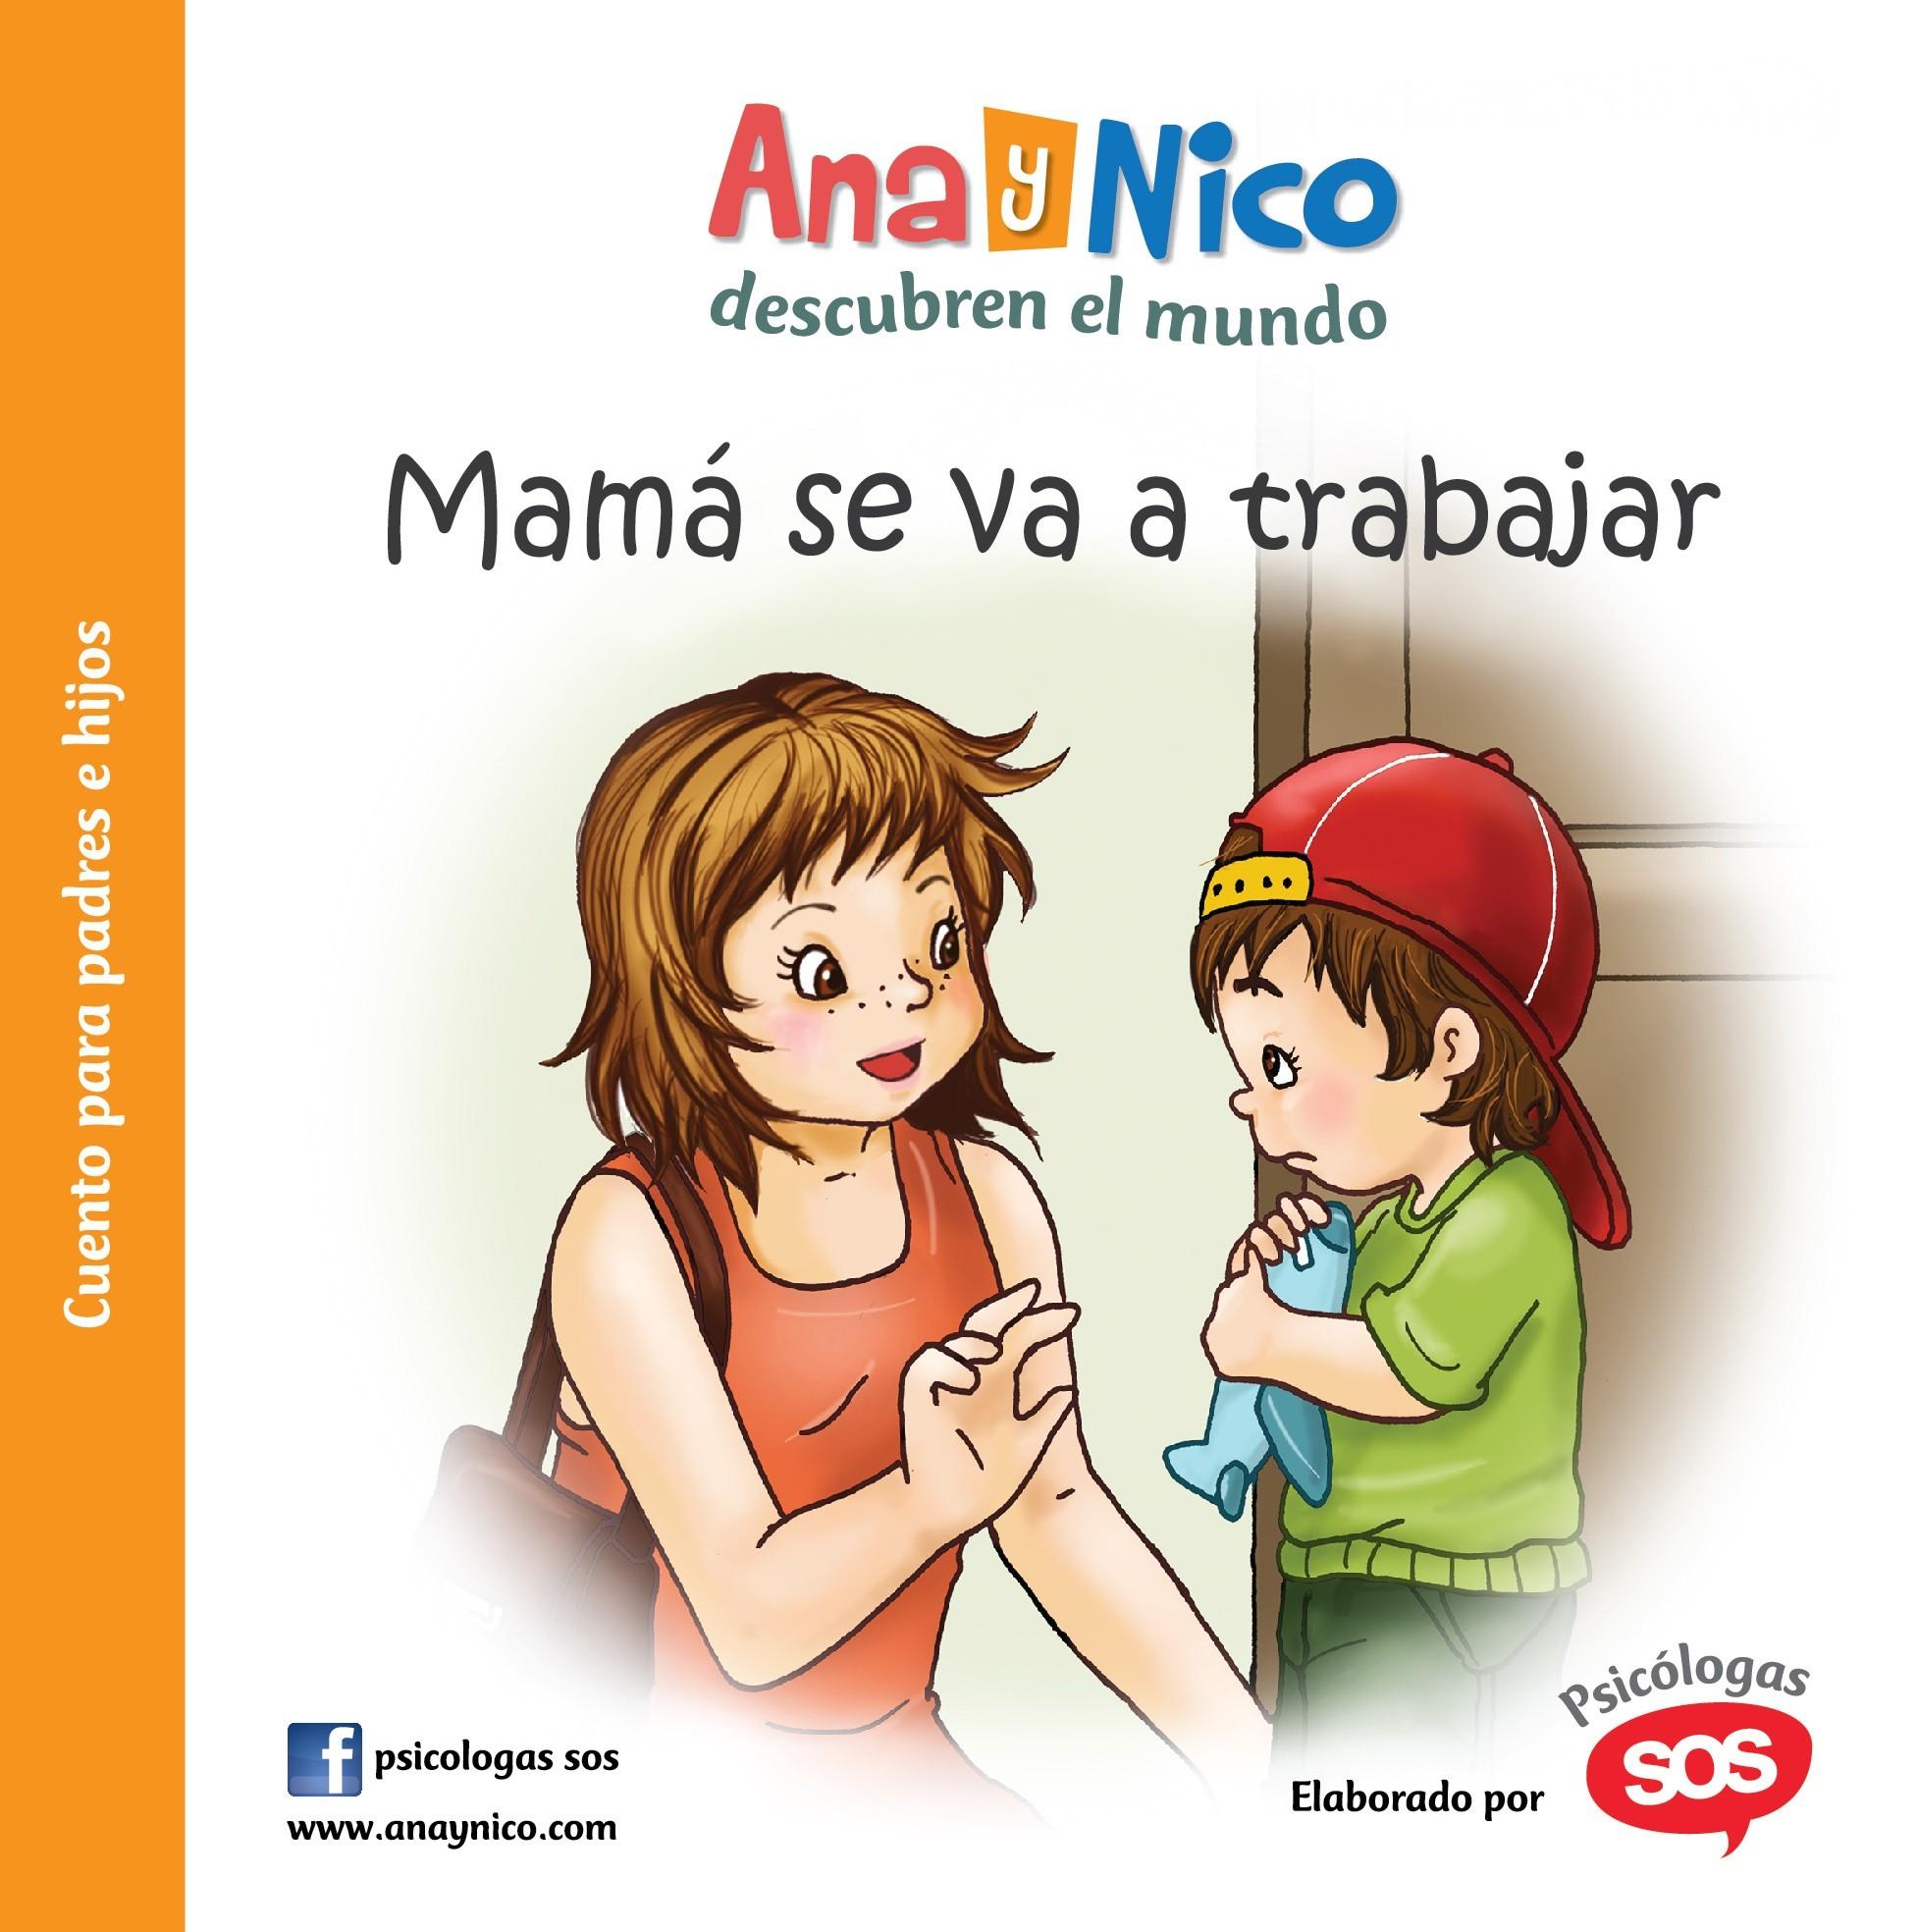 Ana y Nico - Mamá se va a trabajar